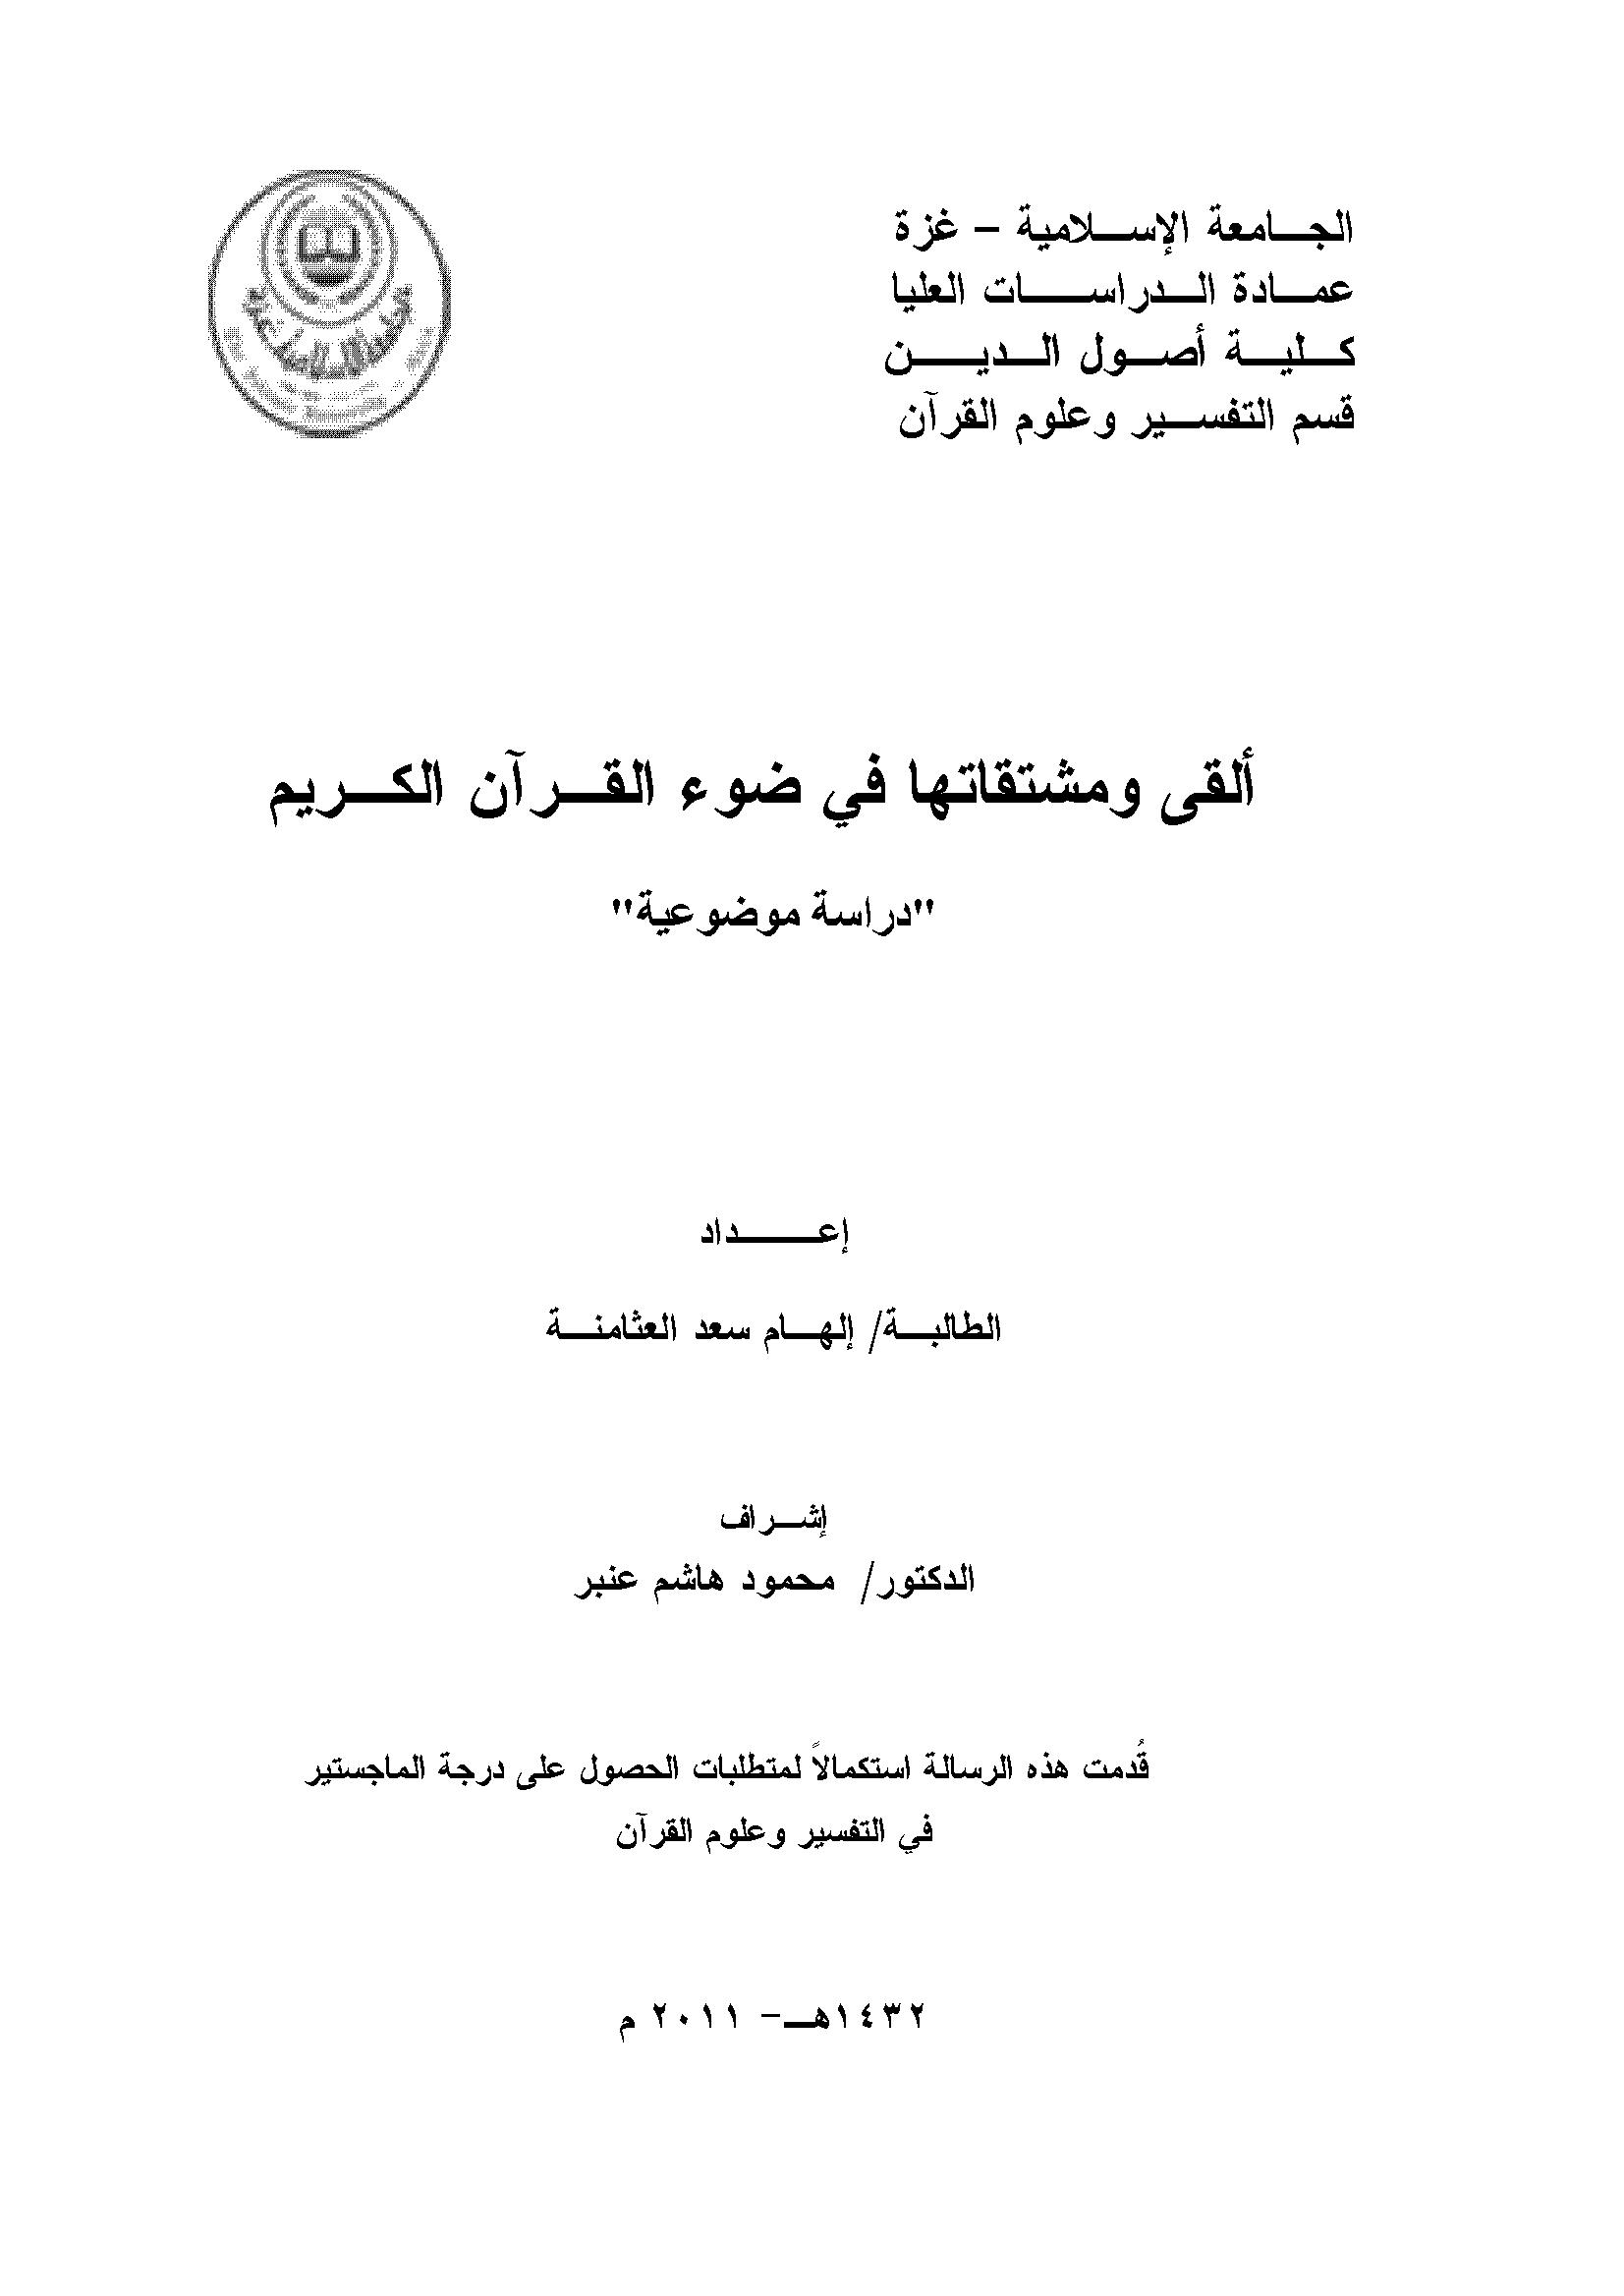 تحميل كتاب ألقى ومشتقاتها في ضوء القرآن الكريم (دراسة موضوعية) لـِ: إلهام سعد عبد الله العثامنة